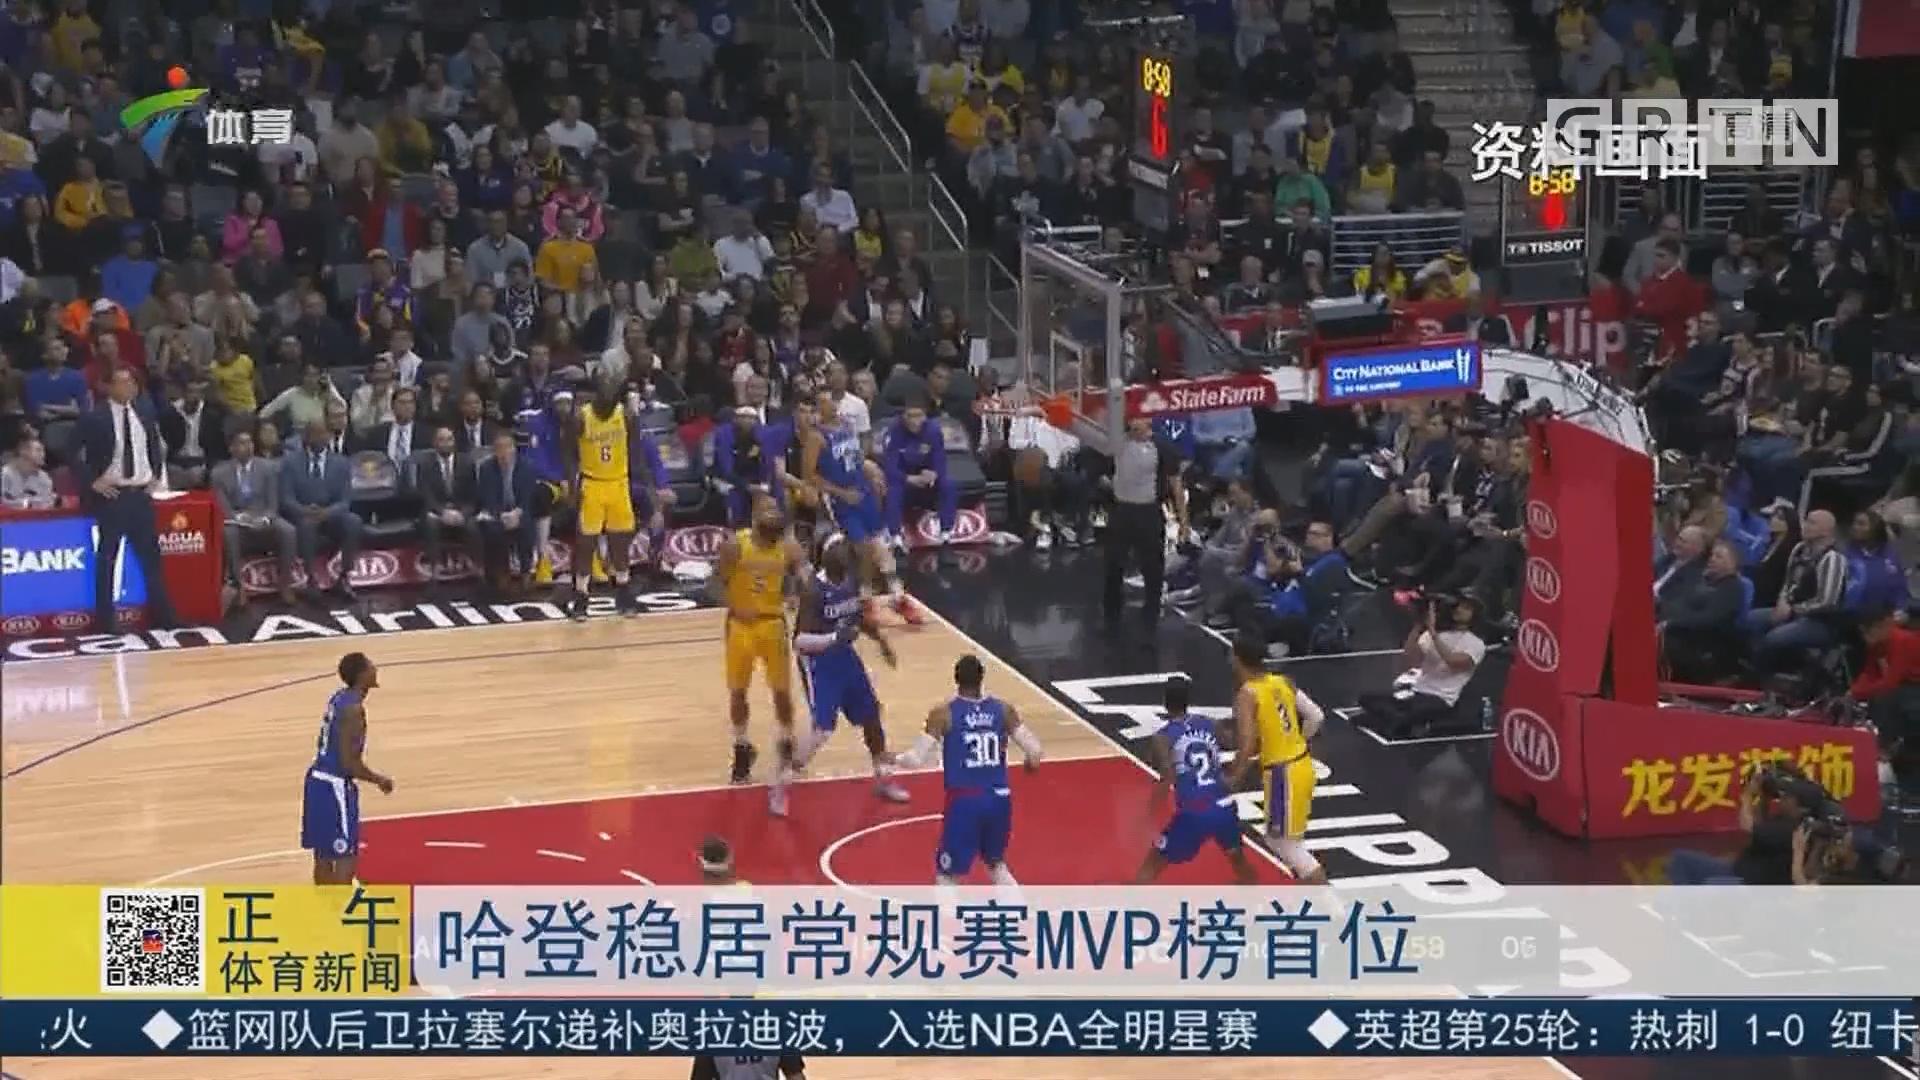 哈登稳居常规赛MVP榜首位